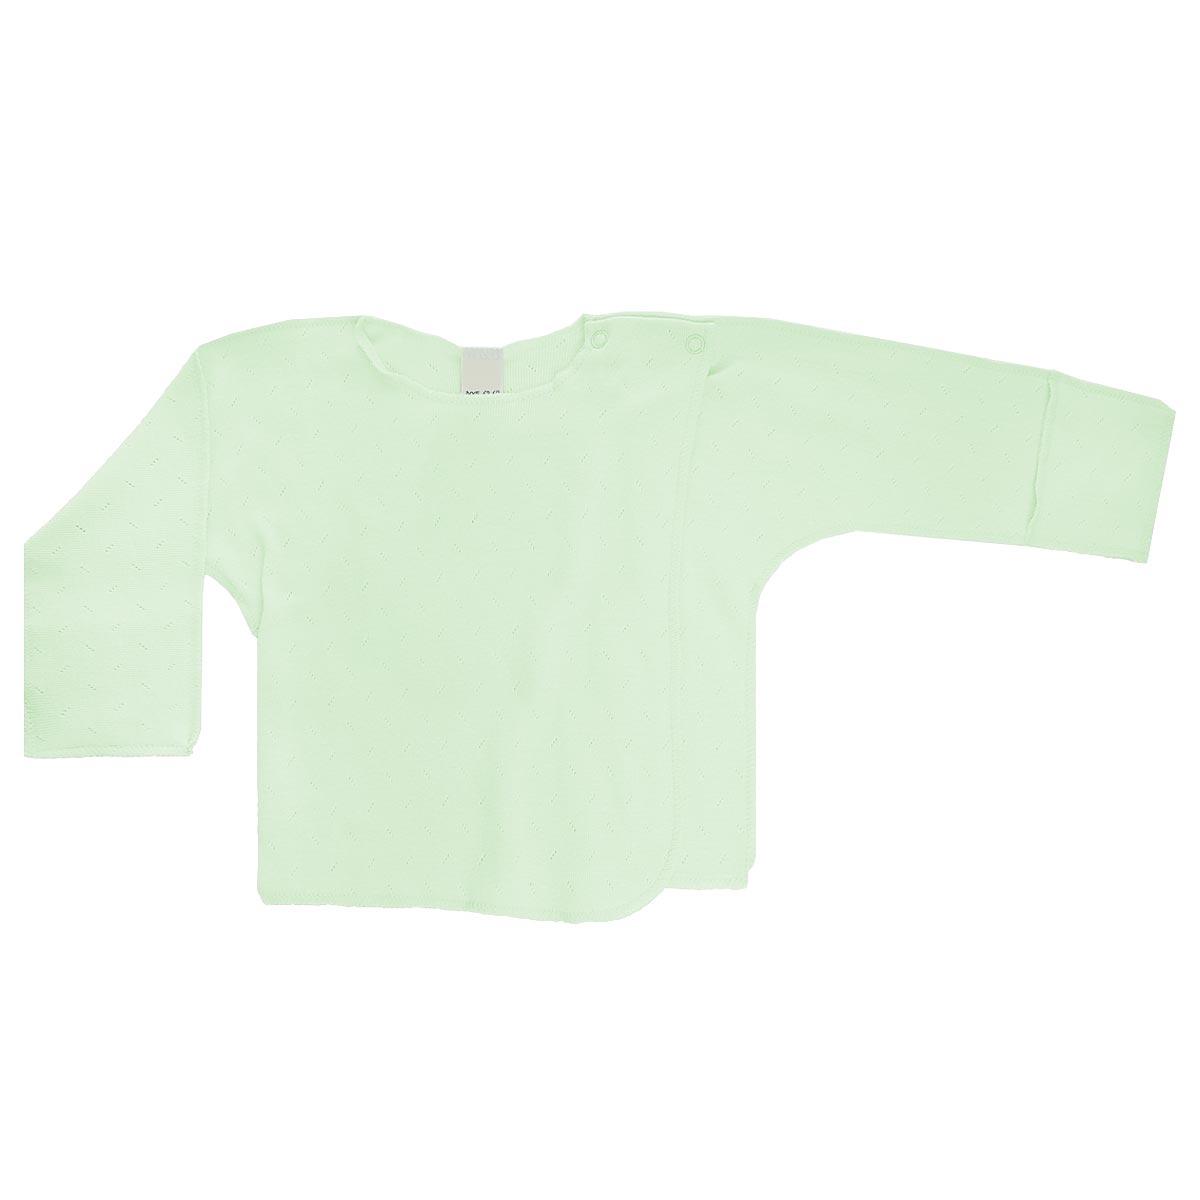 Распашонка Lucky Child Ажур цвет: светло-зеленый. 0-8. Размер 56/620-8Распашонка для новорожденного Lucky Child Ажур с длинными рукавами послужит идеальным дополнением к гардеробу вашего малыша, обеспечивая ему наибольший комфорт. Распашонка изготовлена из натурального хлопка, благодаря чему она необычайно мягкая и легкая, не раздражает нежную кожу ребенка и хорошо вентилируется, а эластичные швы приятны телу малыша и не препятствуют его движениям.Распашонка-кимоно для новорожденного, выполненная швами наружу, и украшенная ажурным узором, имеет кнопки по плечу, которые помогают с легкостью переодеть малыша. А благодаря рукавичкам ребенок не поцарапает себя. Ручки могут быть как открытыми, так и закрытыми. Распашонка полностью соответствует особенностям жизни ребенка в ранний период, не стесняя и не ограничивая его в движениях. В ней ваш малыш всегда будет в центре внимания.